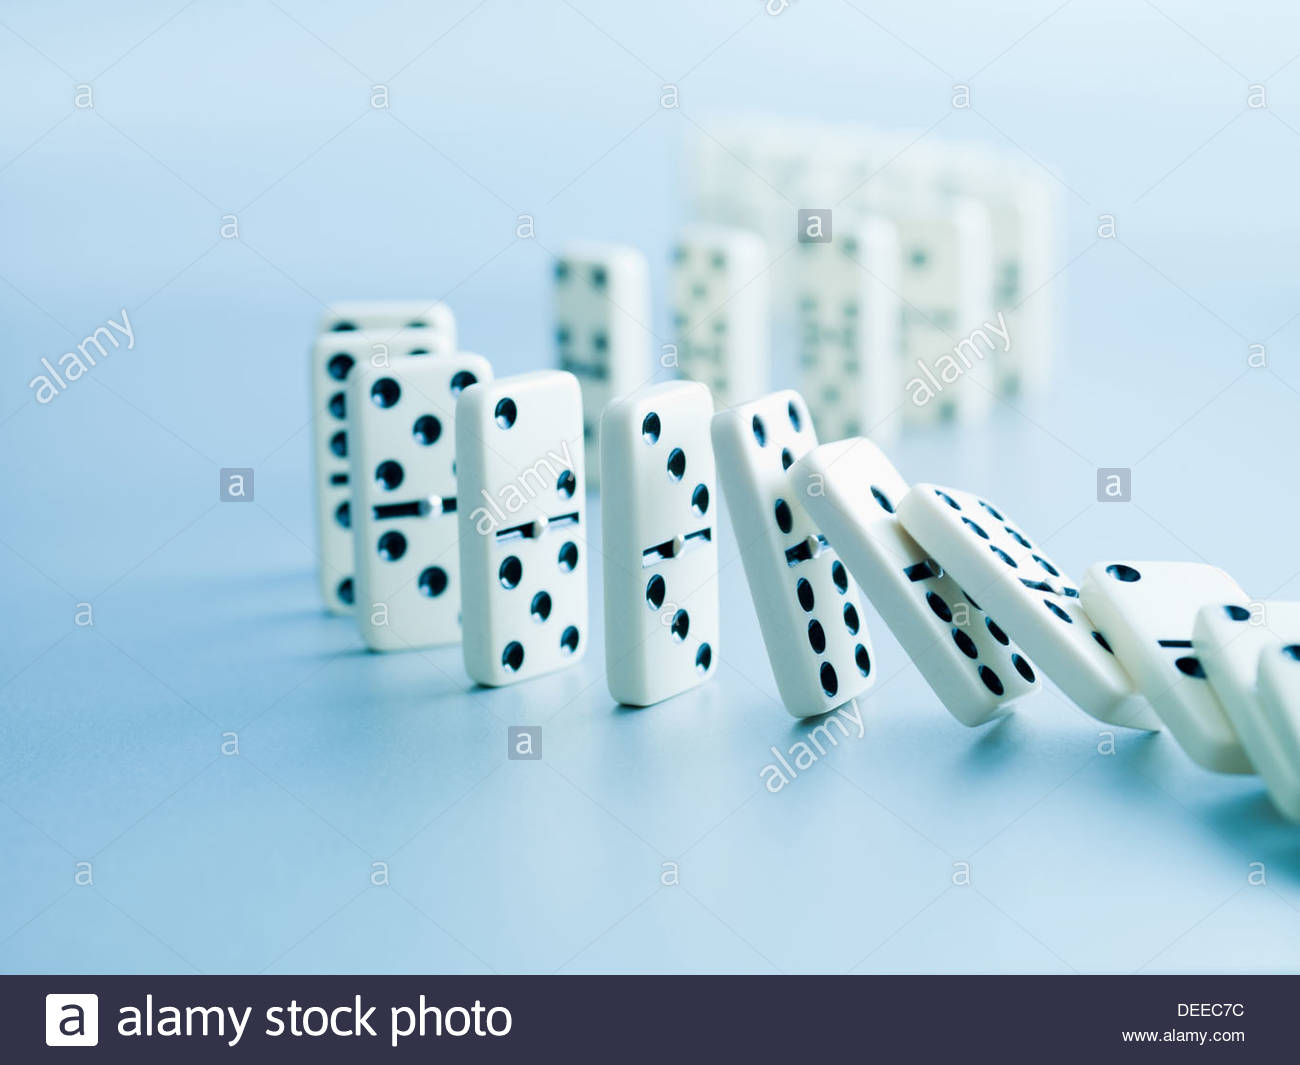 La chute des dominos dans une rangée Banque D'Images